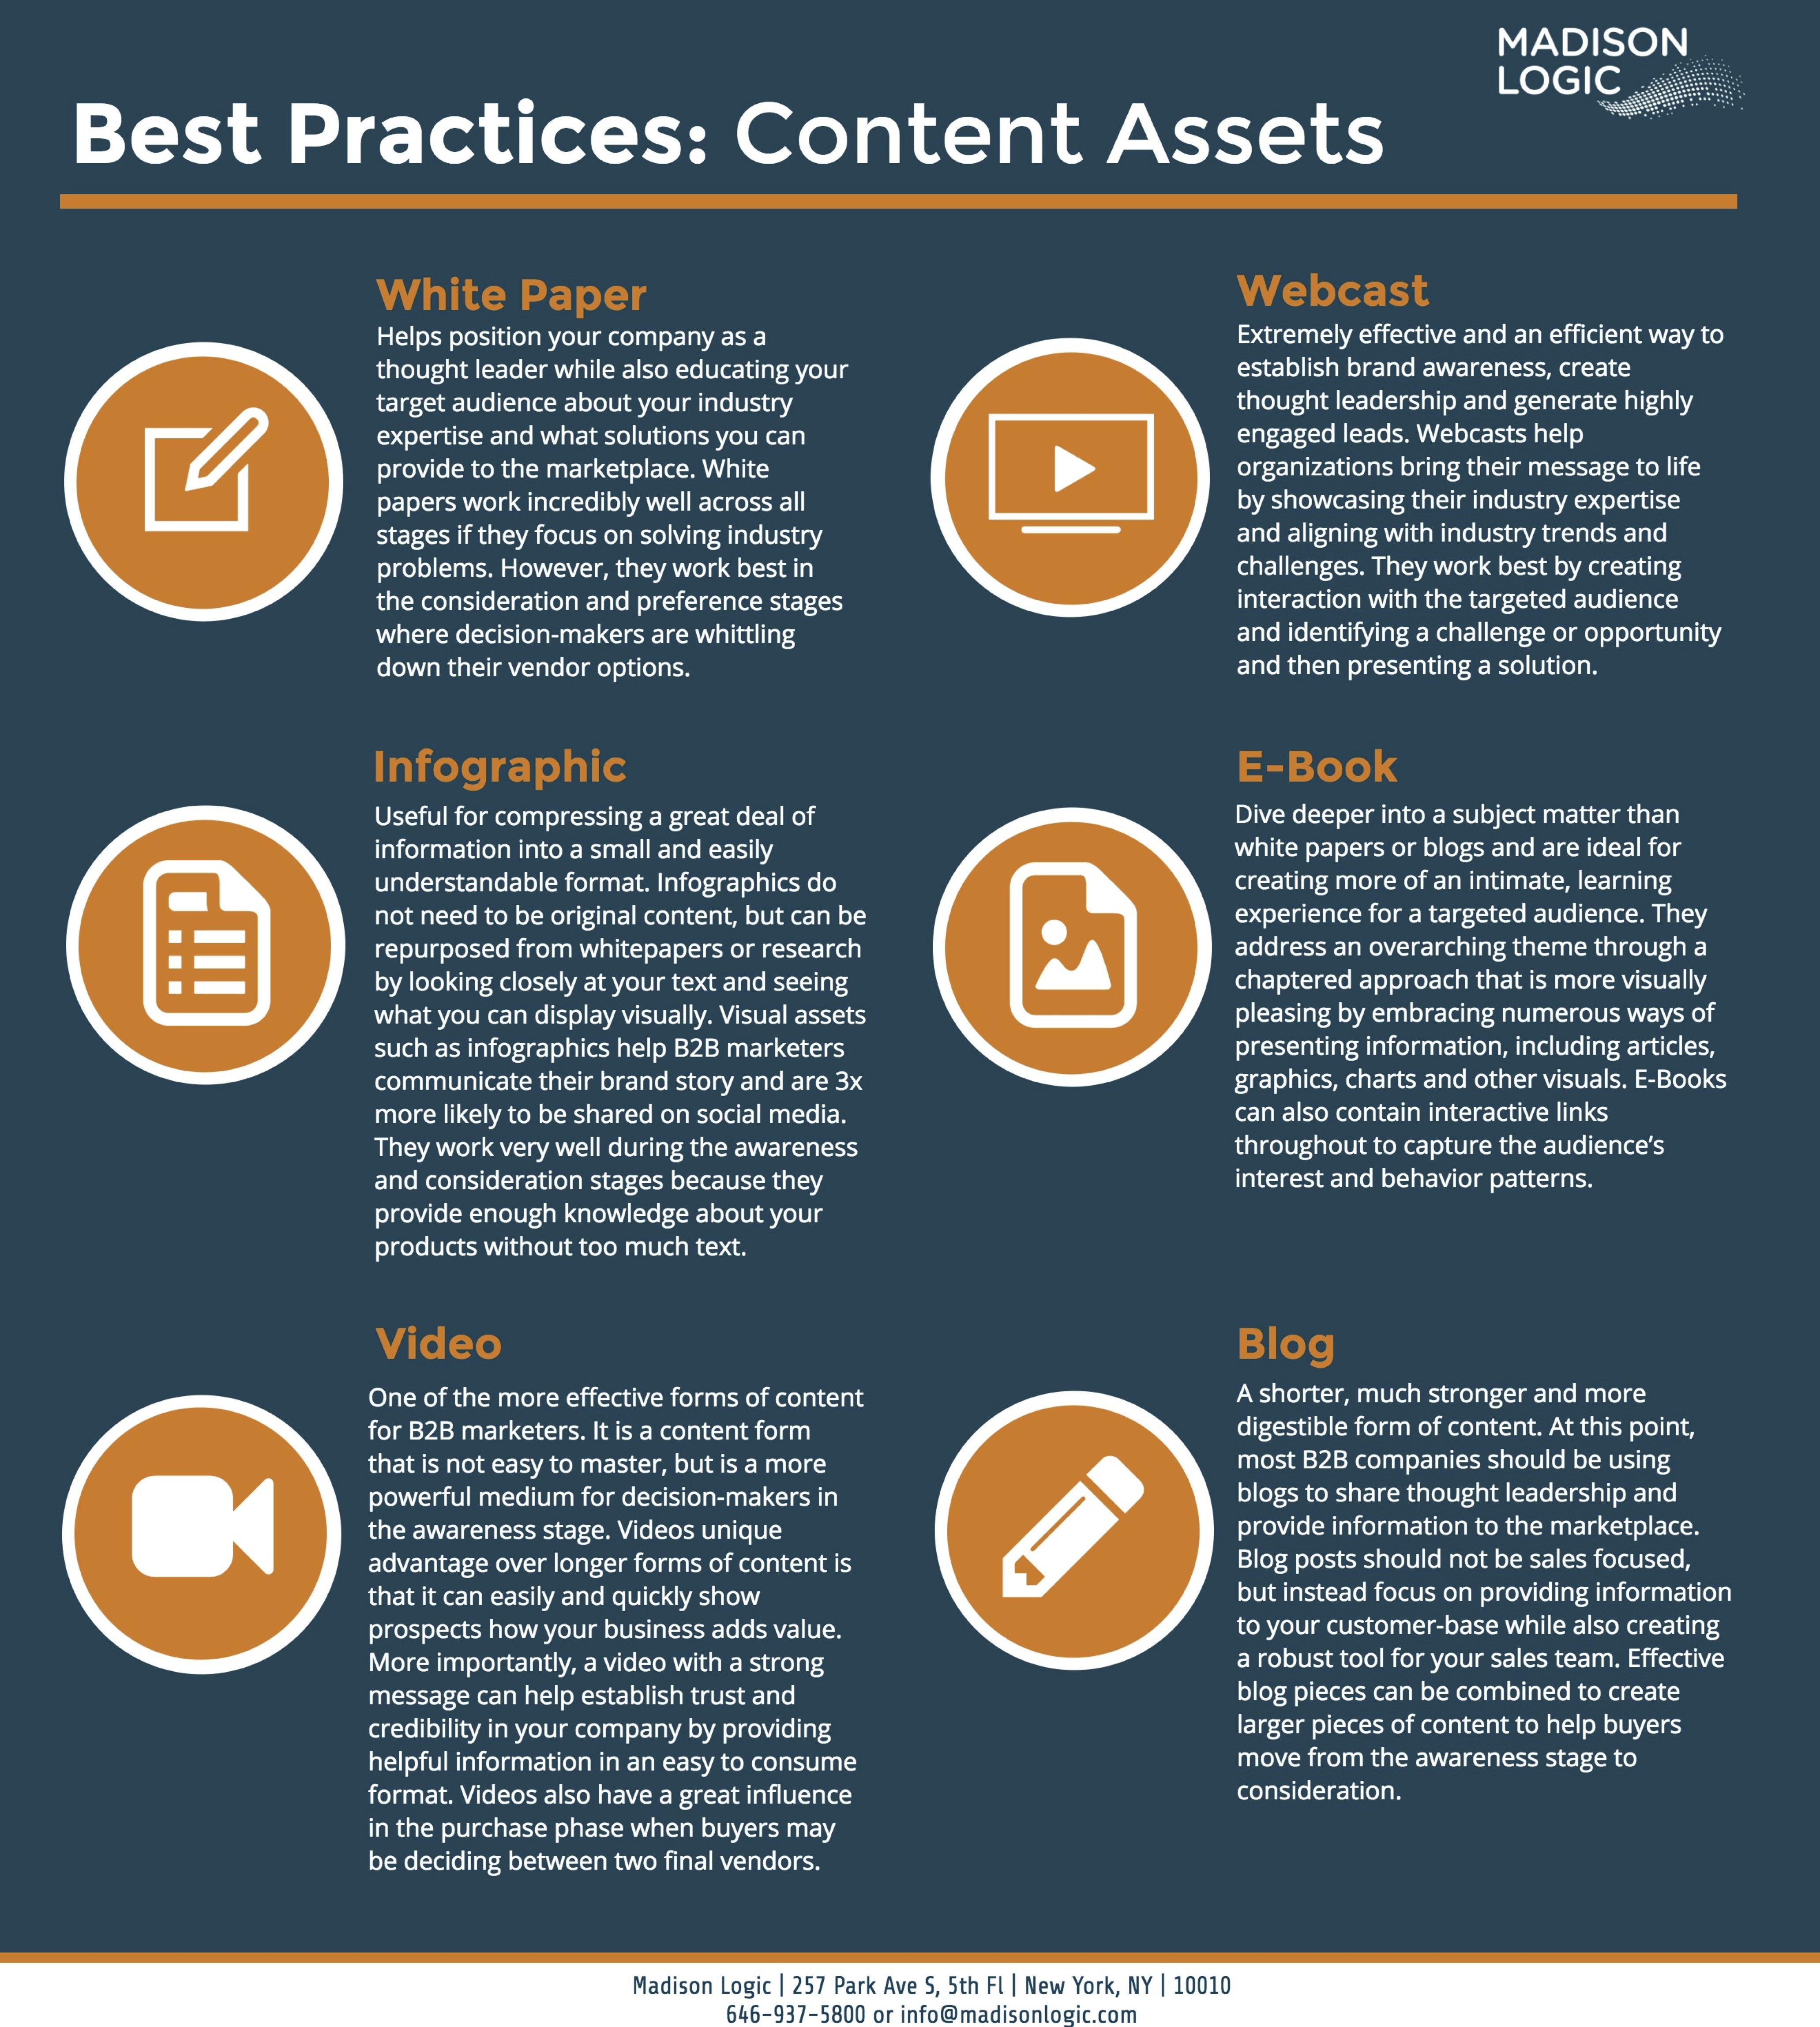 best-practices-content-assets-2016